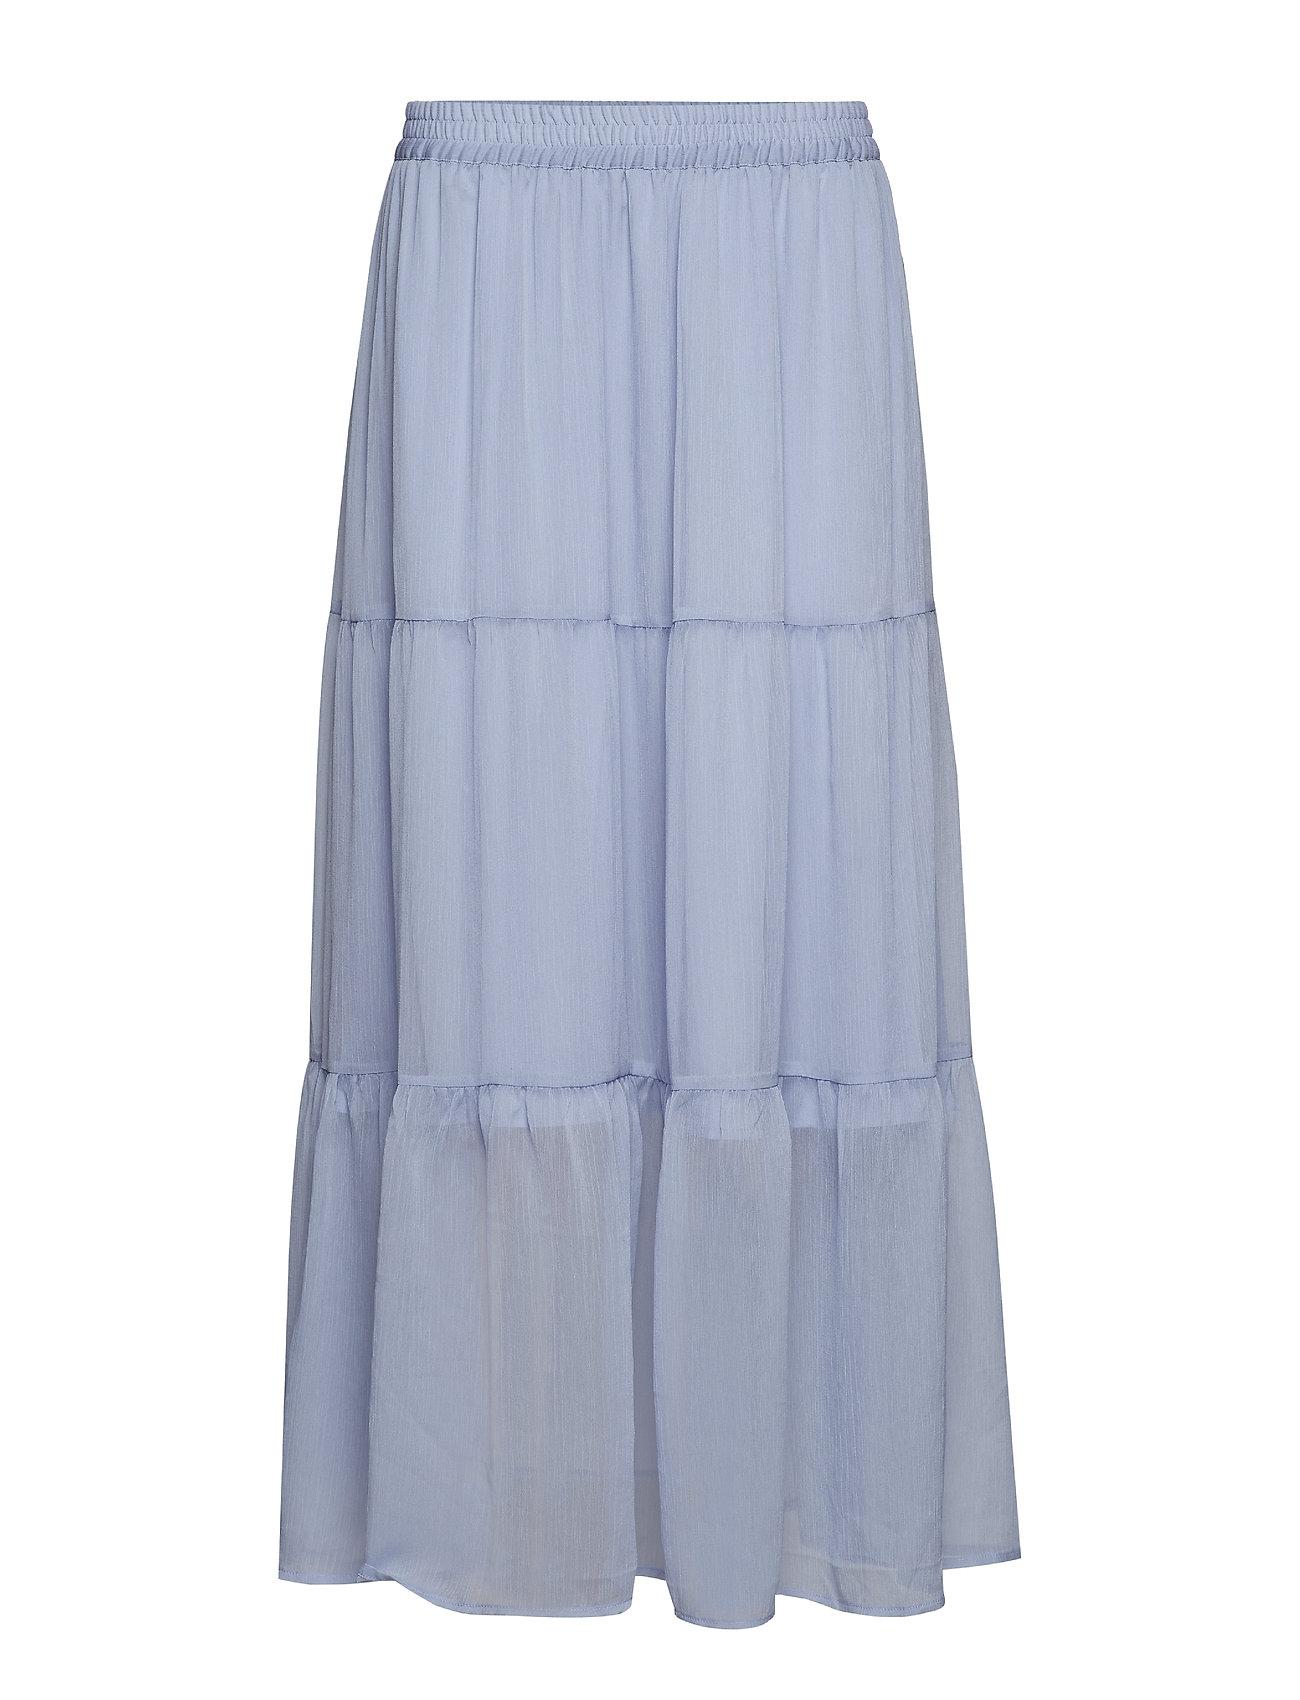 Notes du Nord Klaire Skirt - TWILIGHT BLUE